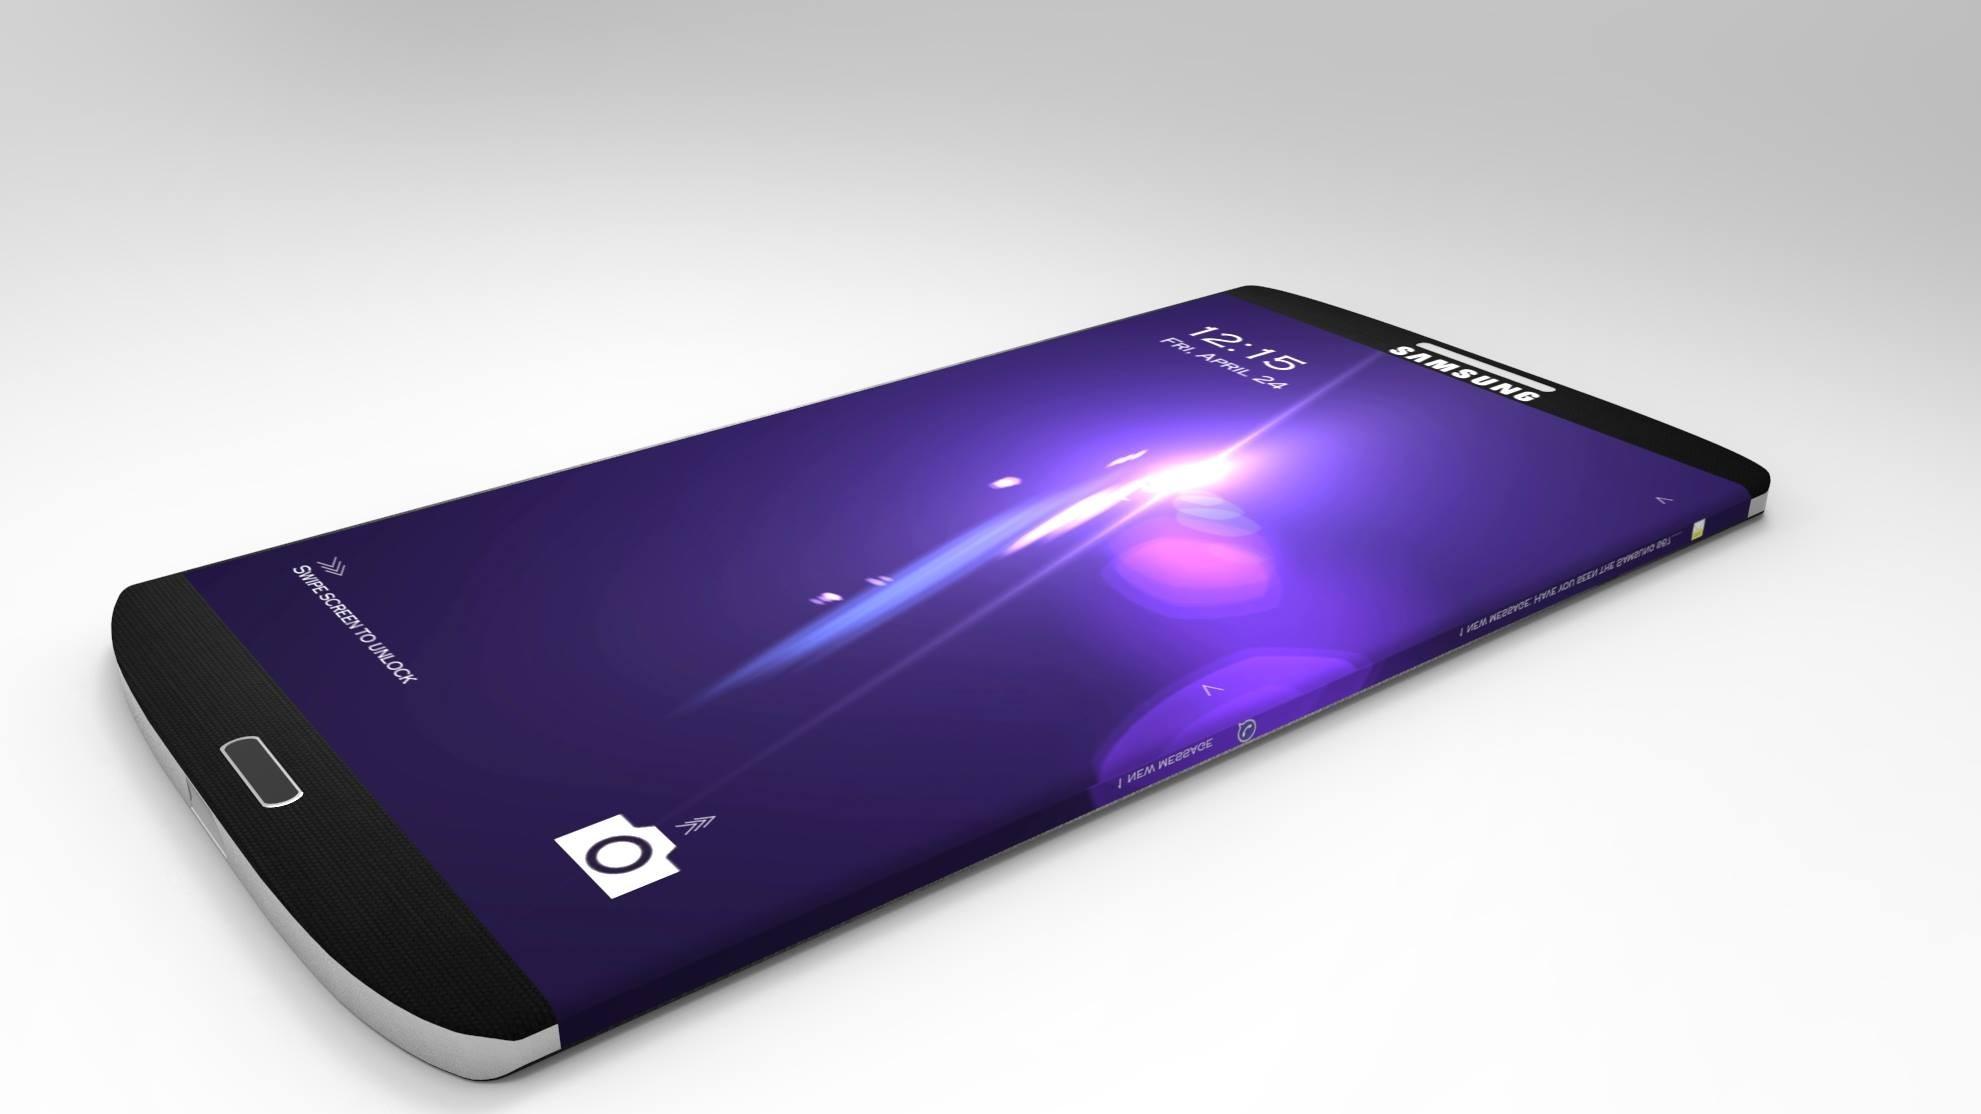 Самсунг планирует использовать в телефонах аккумуляторыLG